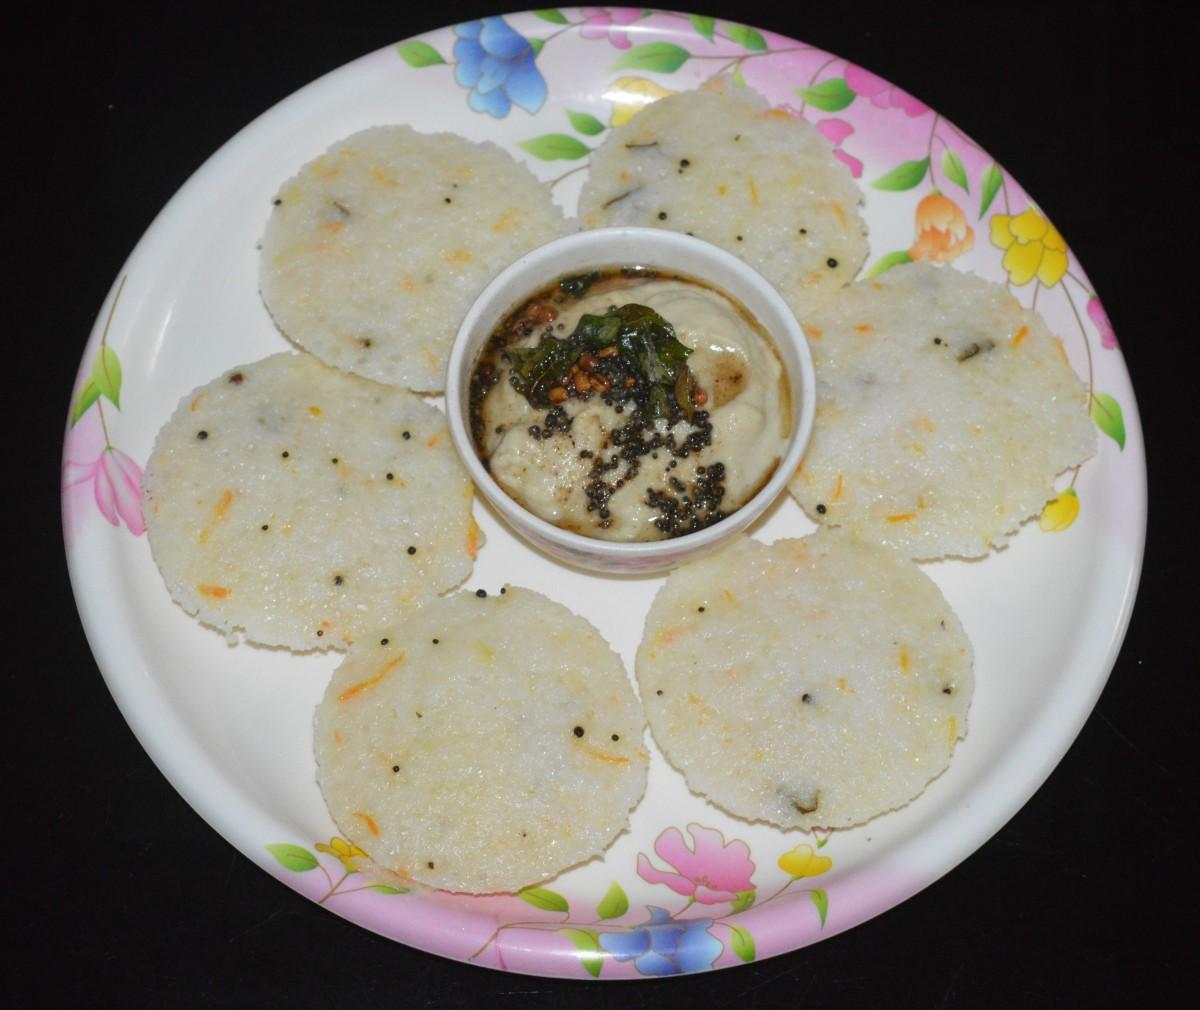 Sago Idli (Sabakki idli or Sabudana idli) served with coconut chutney